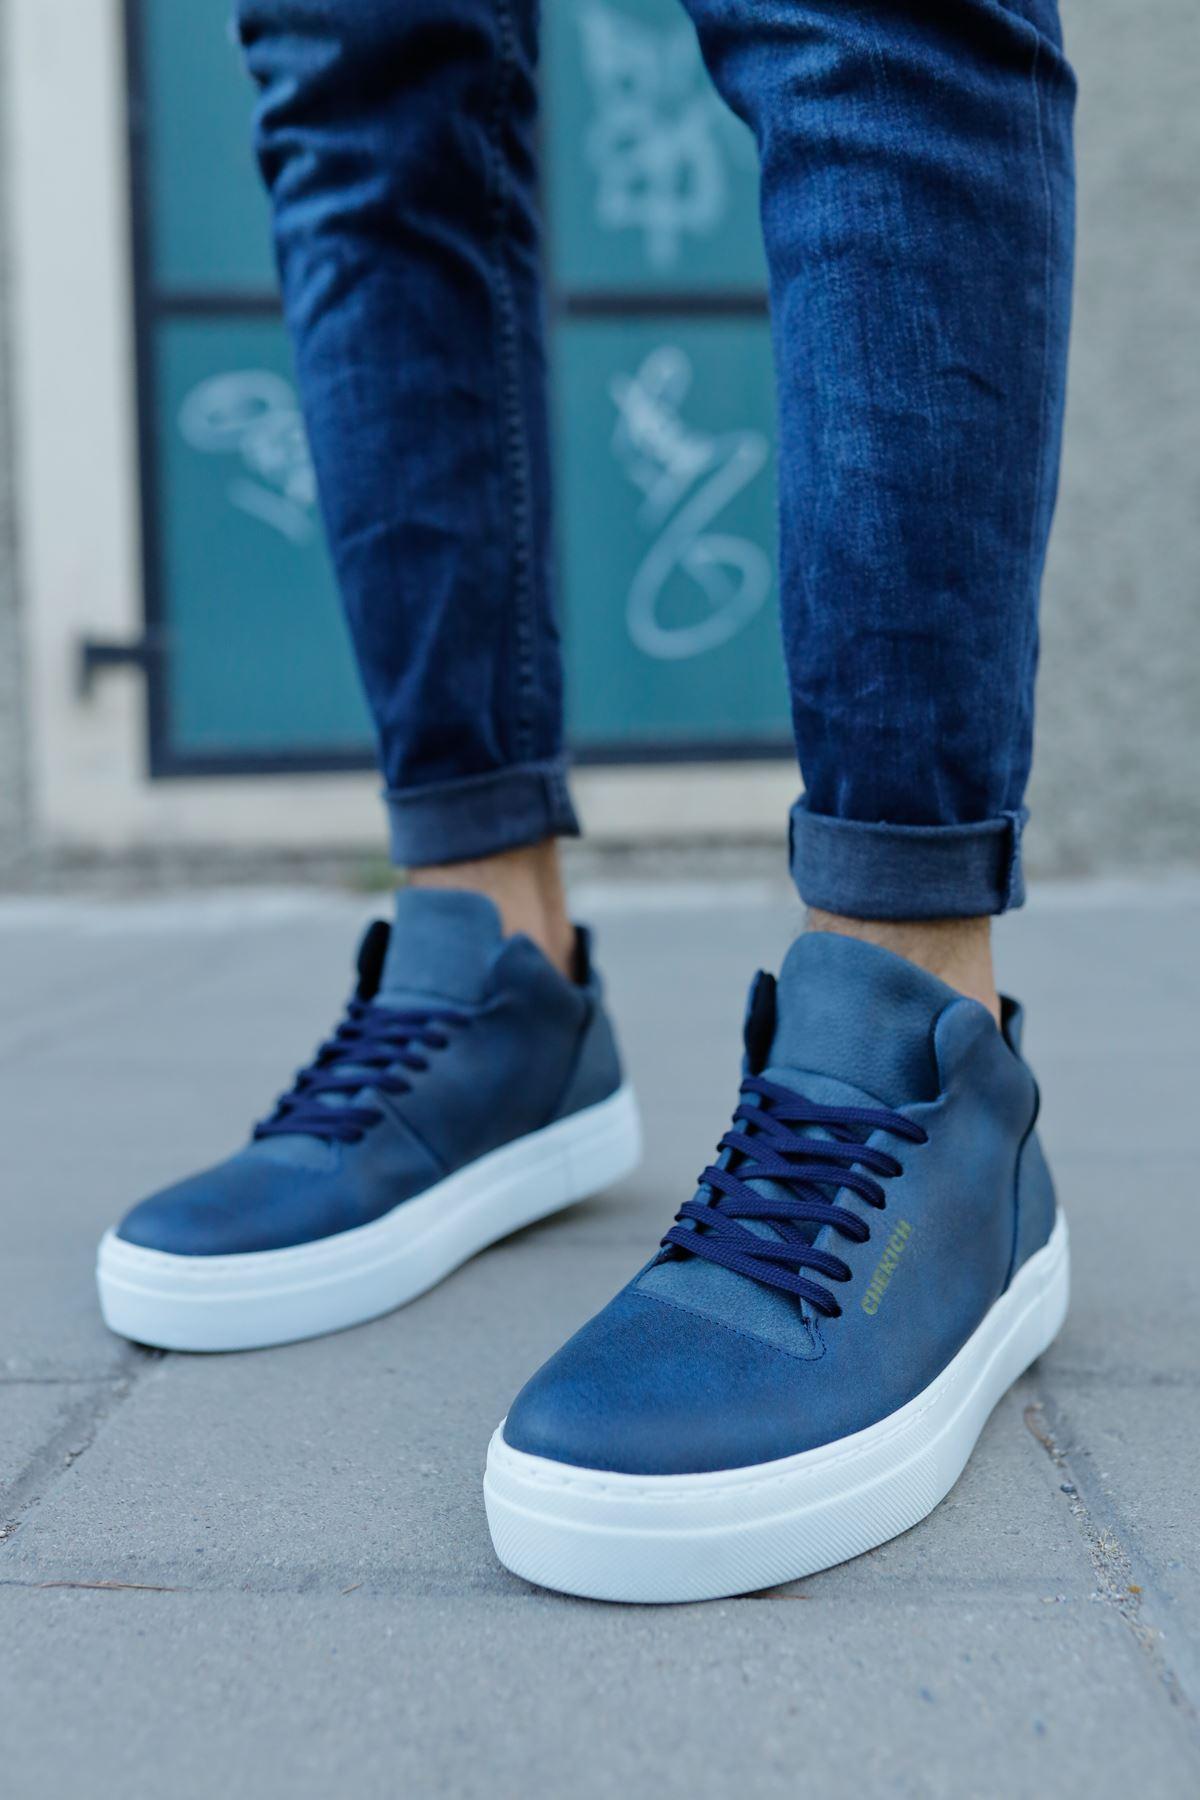 Men's Lace-up Navy Blue Shoes